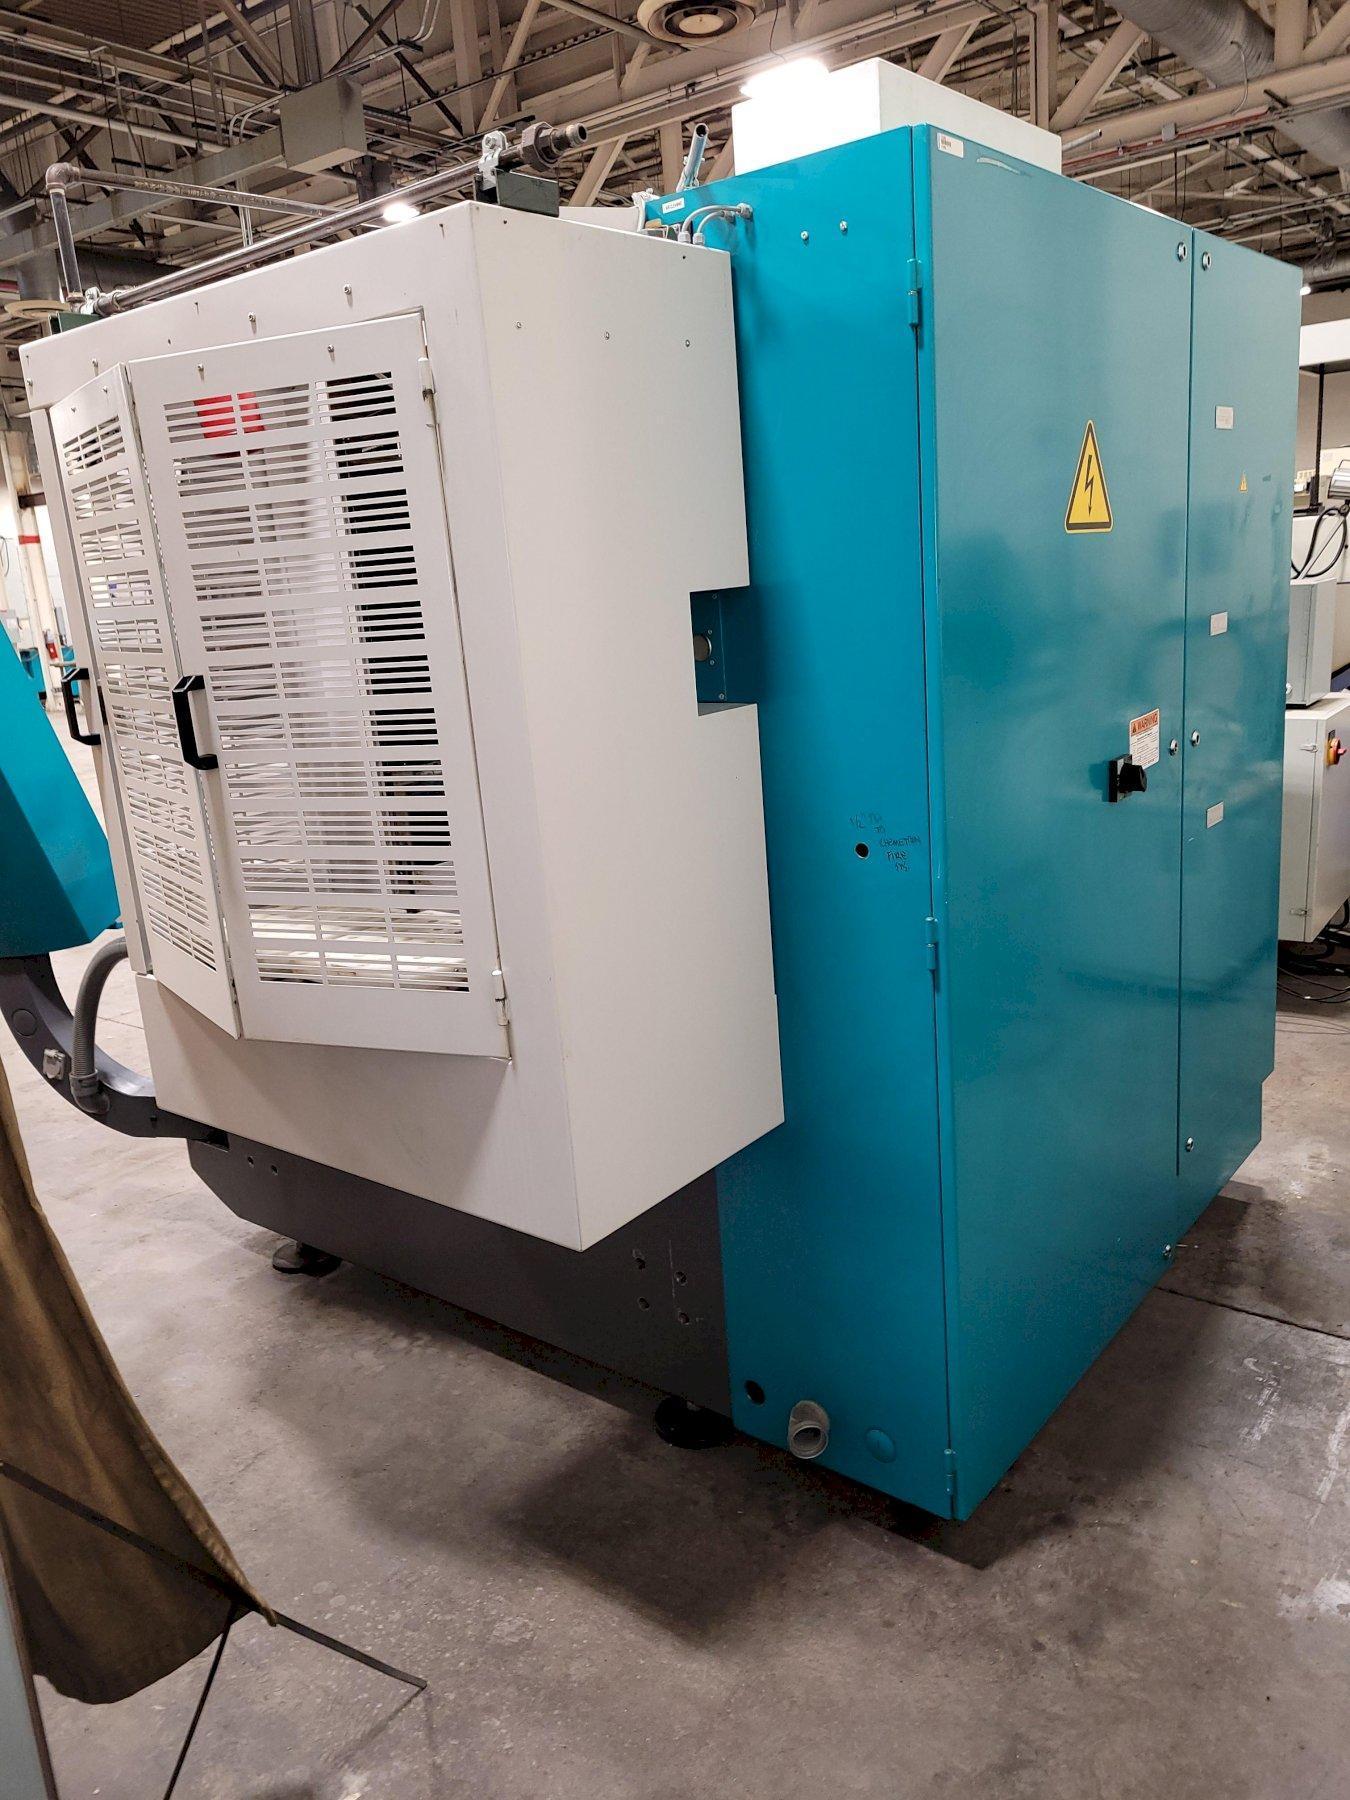 Schneeberger Gemini DMR 5-Axis CNC Tool & Cutter Grinder